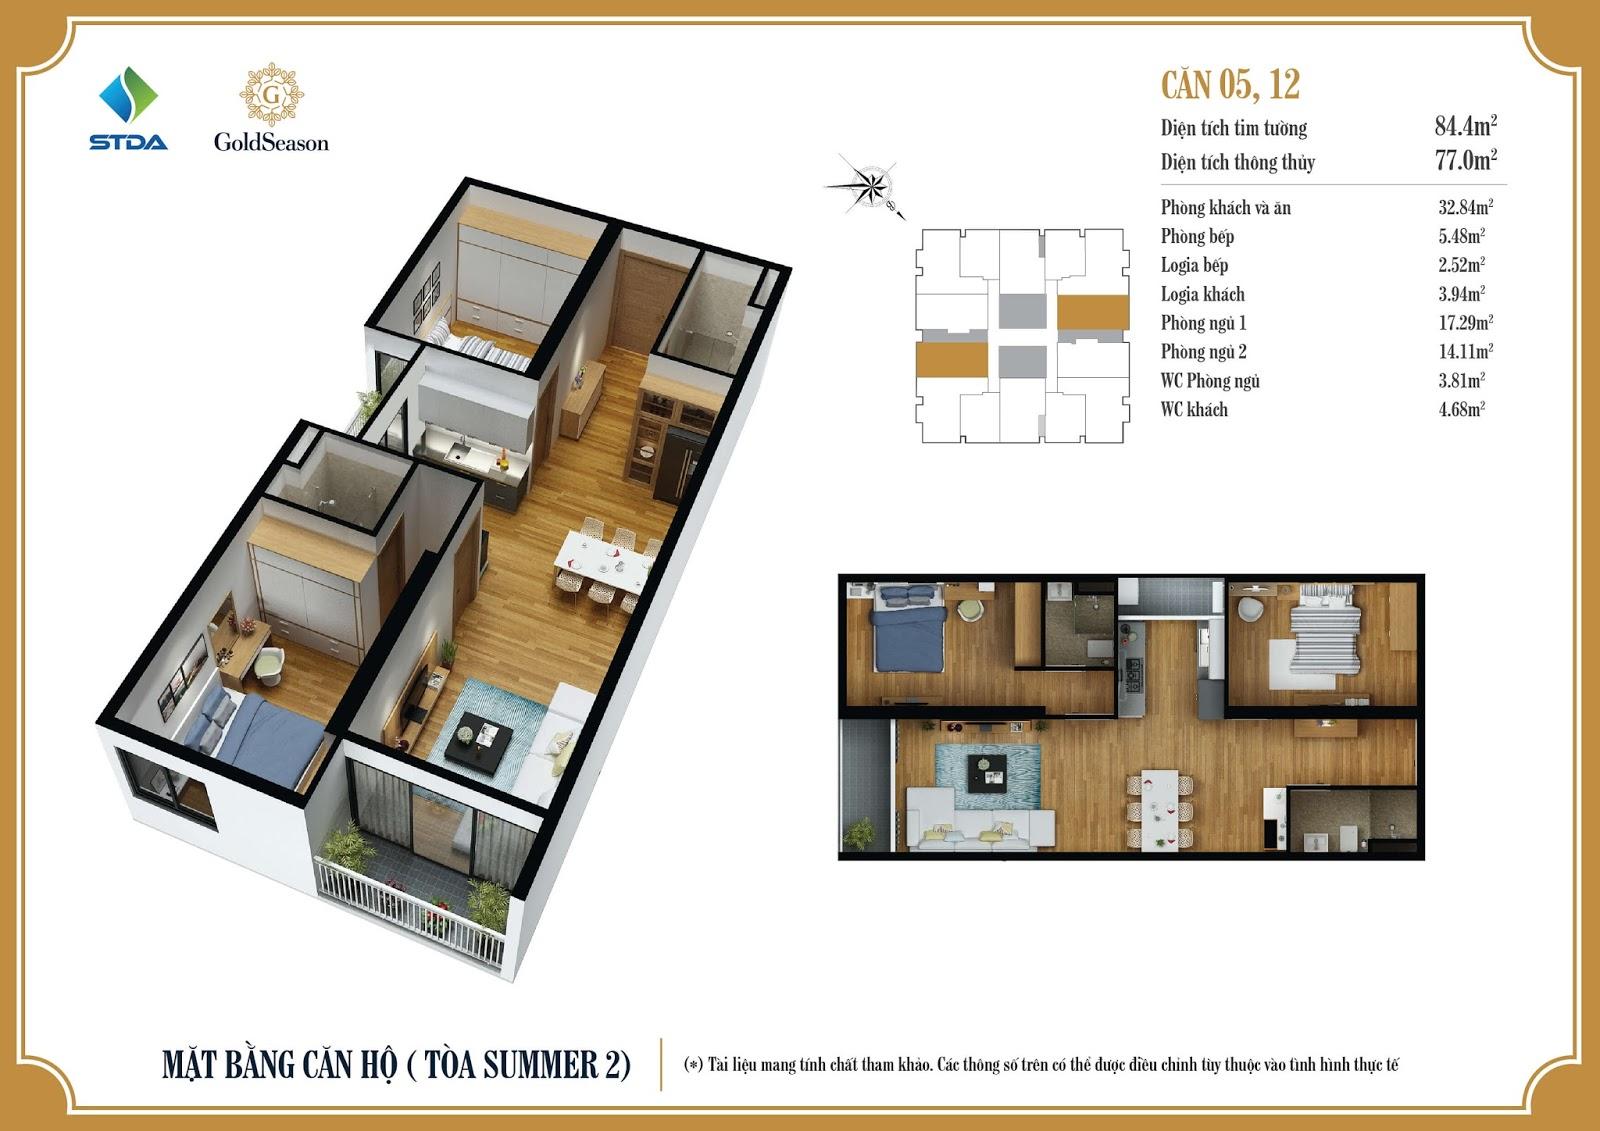 Thiết kế chi tiết mặt bằng căn hộ số 05 và 12 diện tích 84,4m2 - GoldSeason